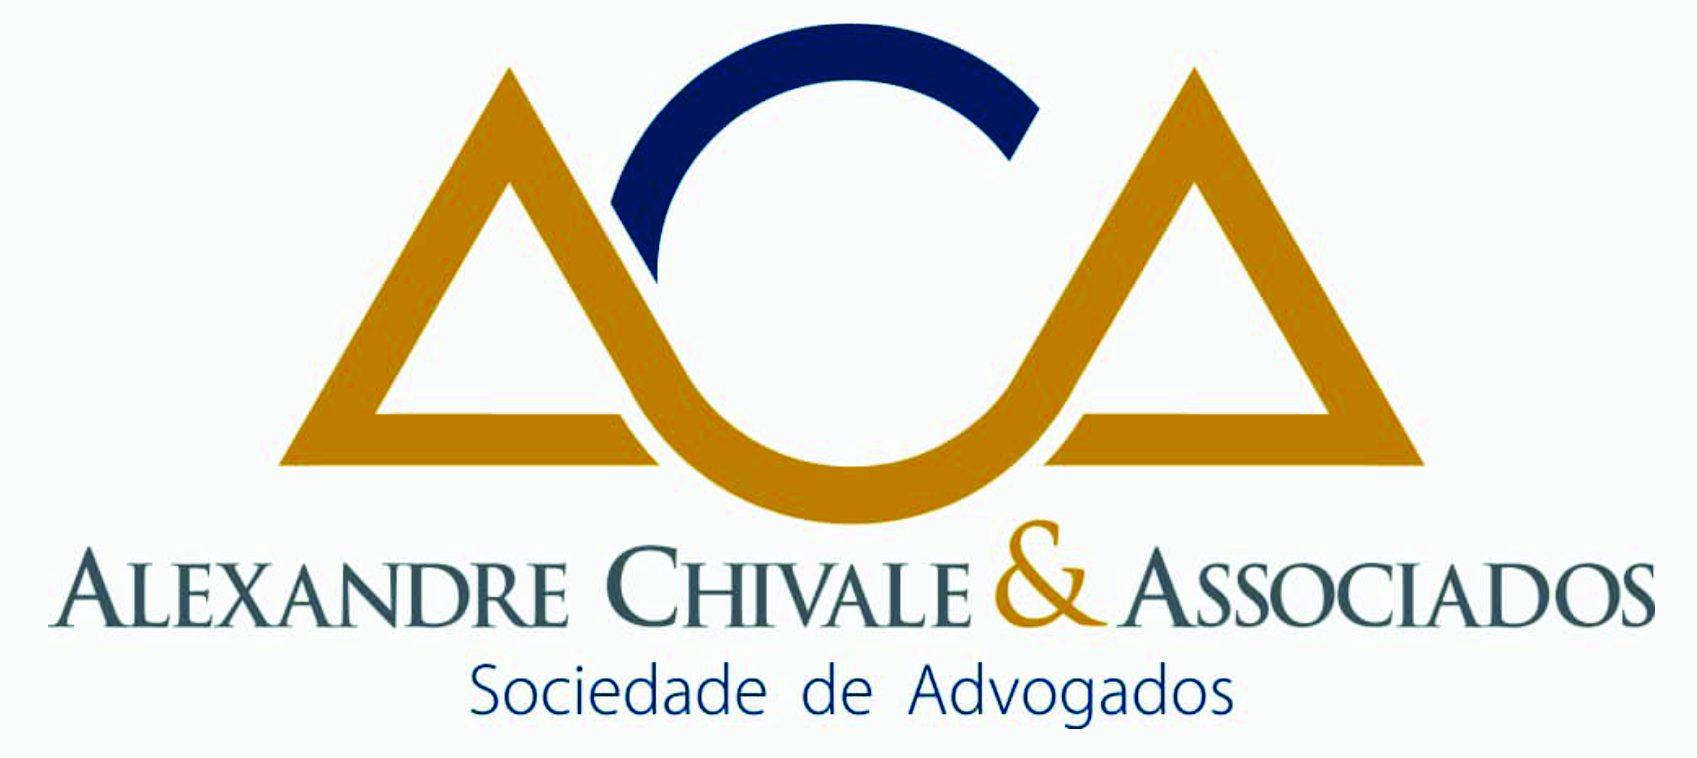 ALEXANDRE CHIVALE & ASSOCIADOS